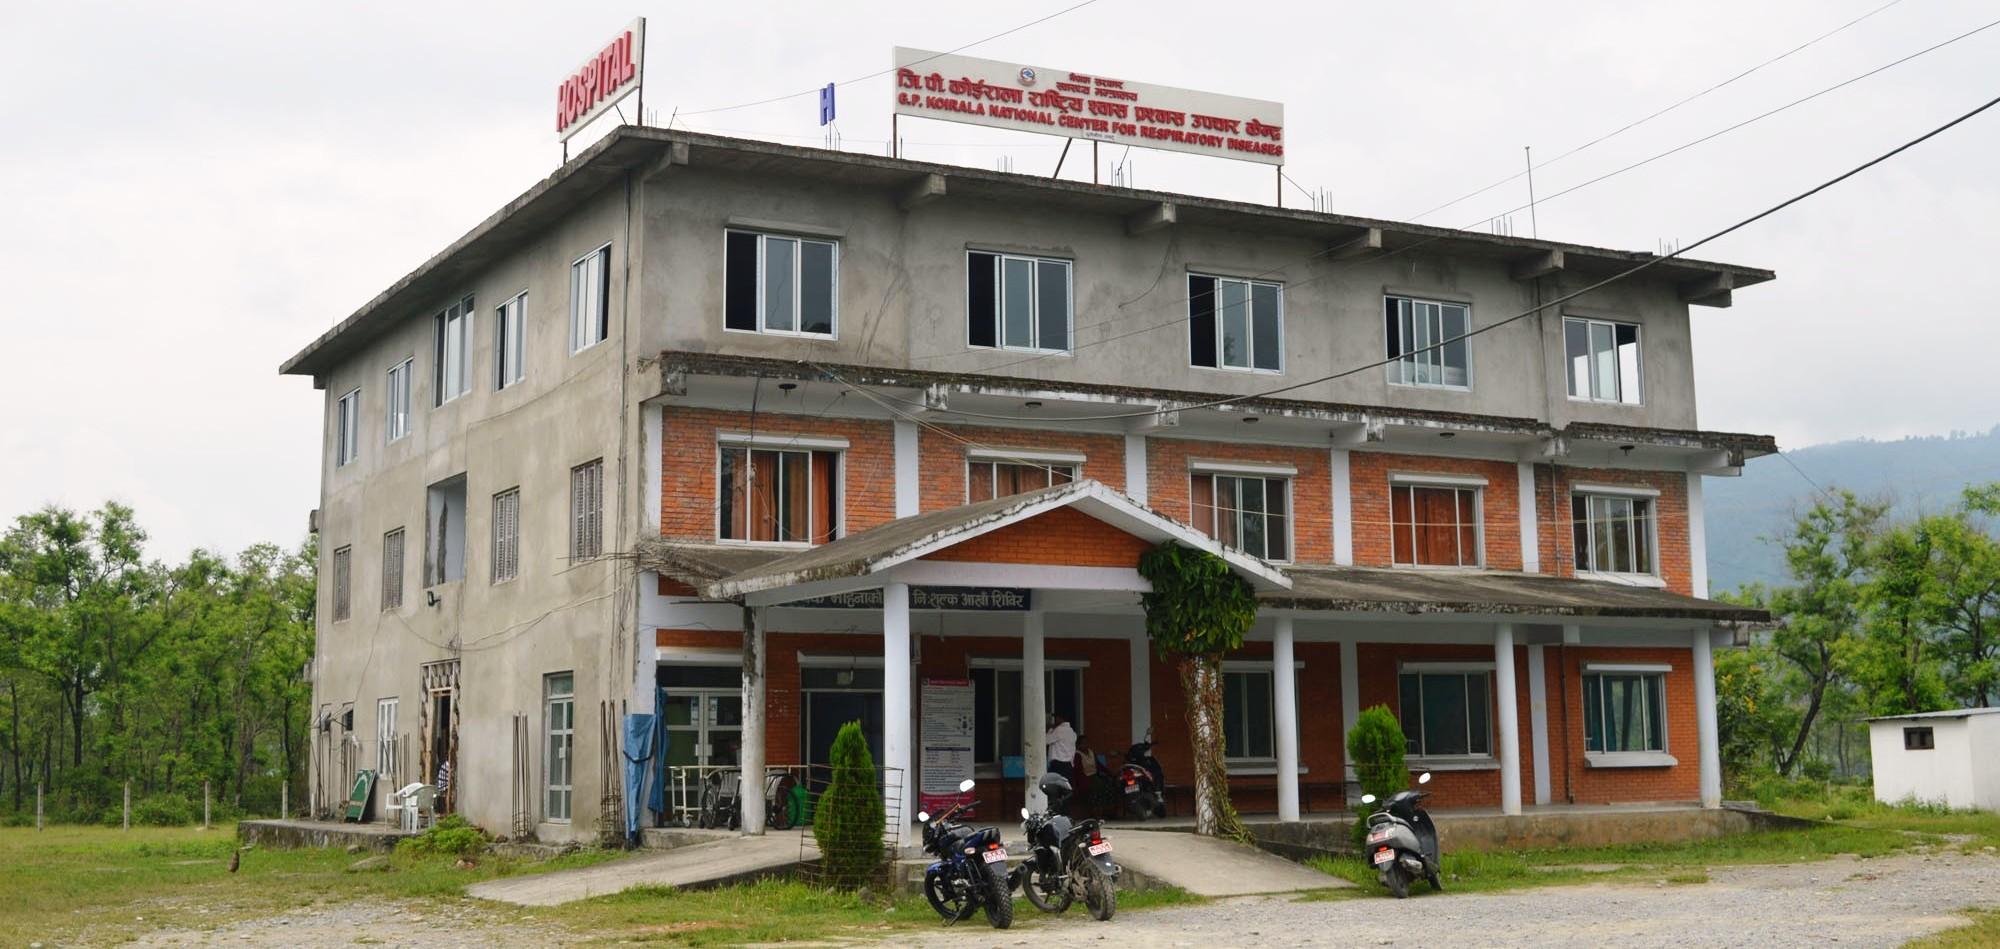 श्वासप्रश्वास उपचार केन्द्र निर्माण छिट्टै : उपप्रधानमन्त्री यादव